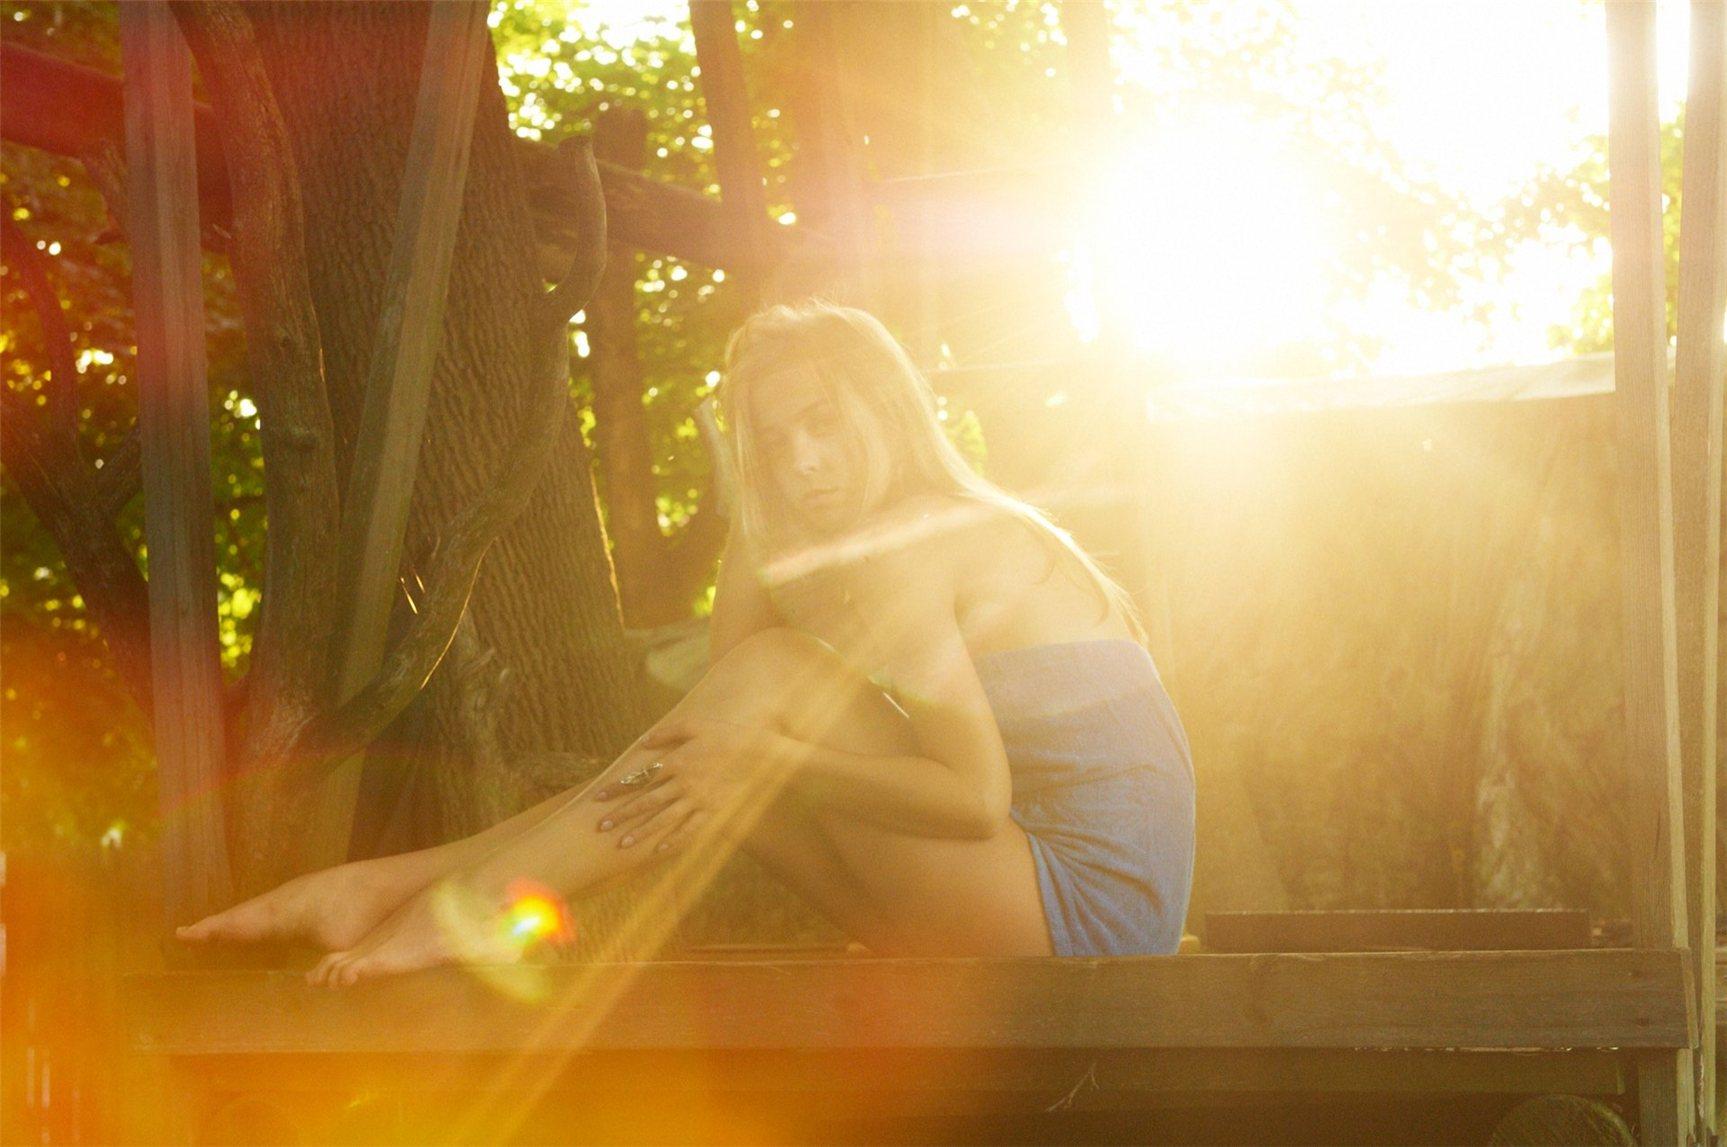 красивые сексуальные девушки на фотографиях Грега Маниса / Greg Manis